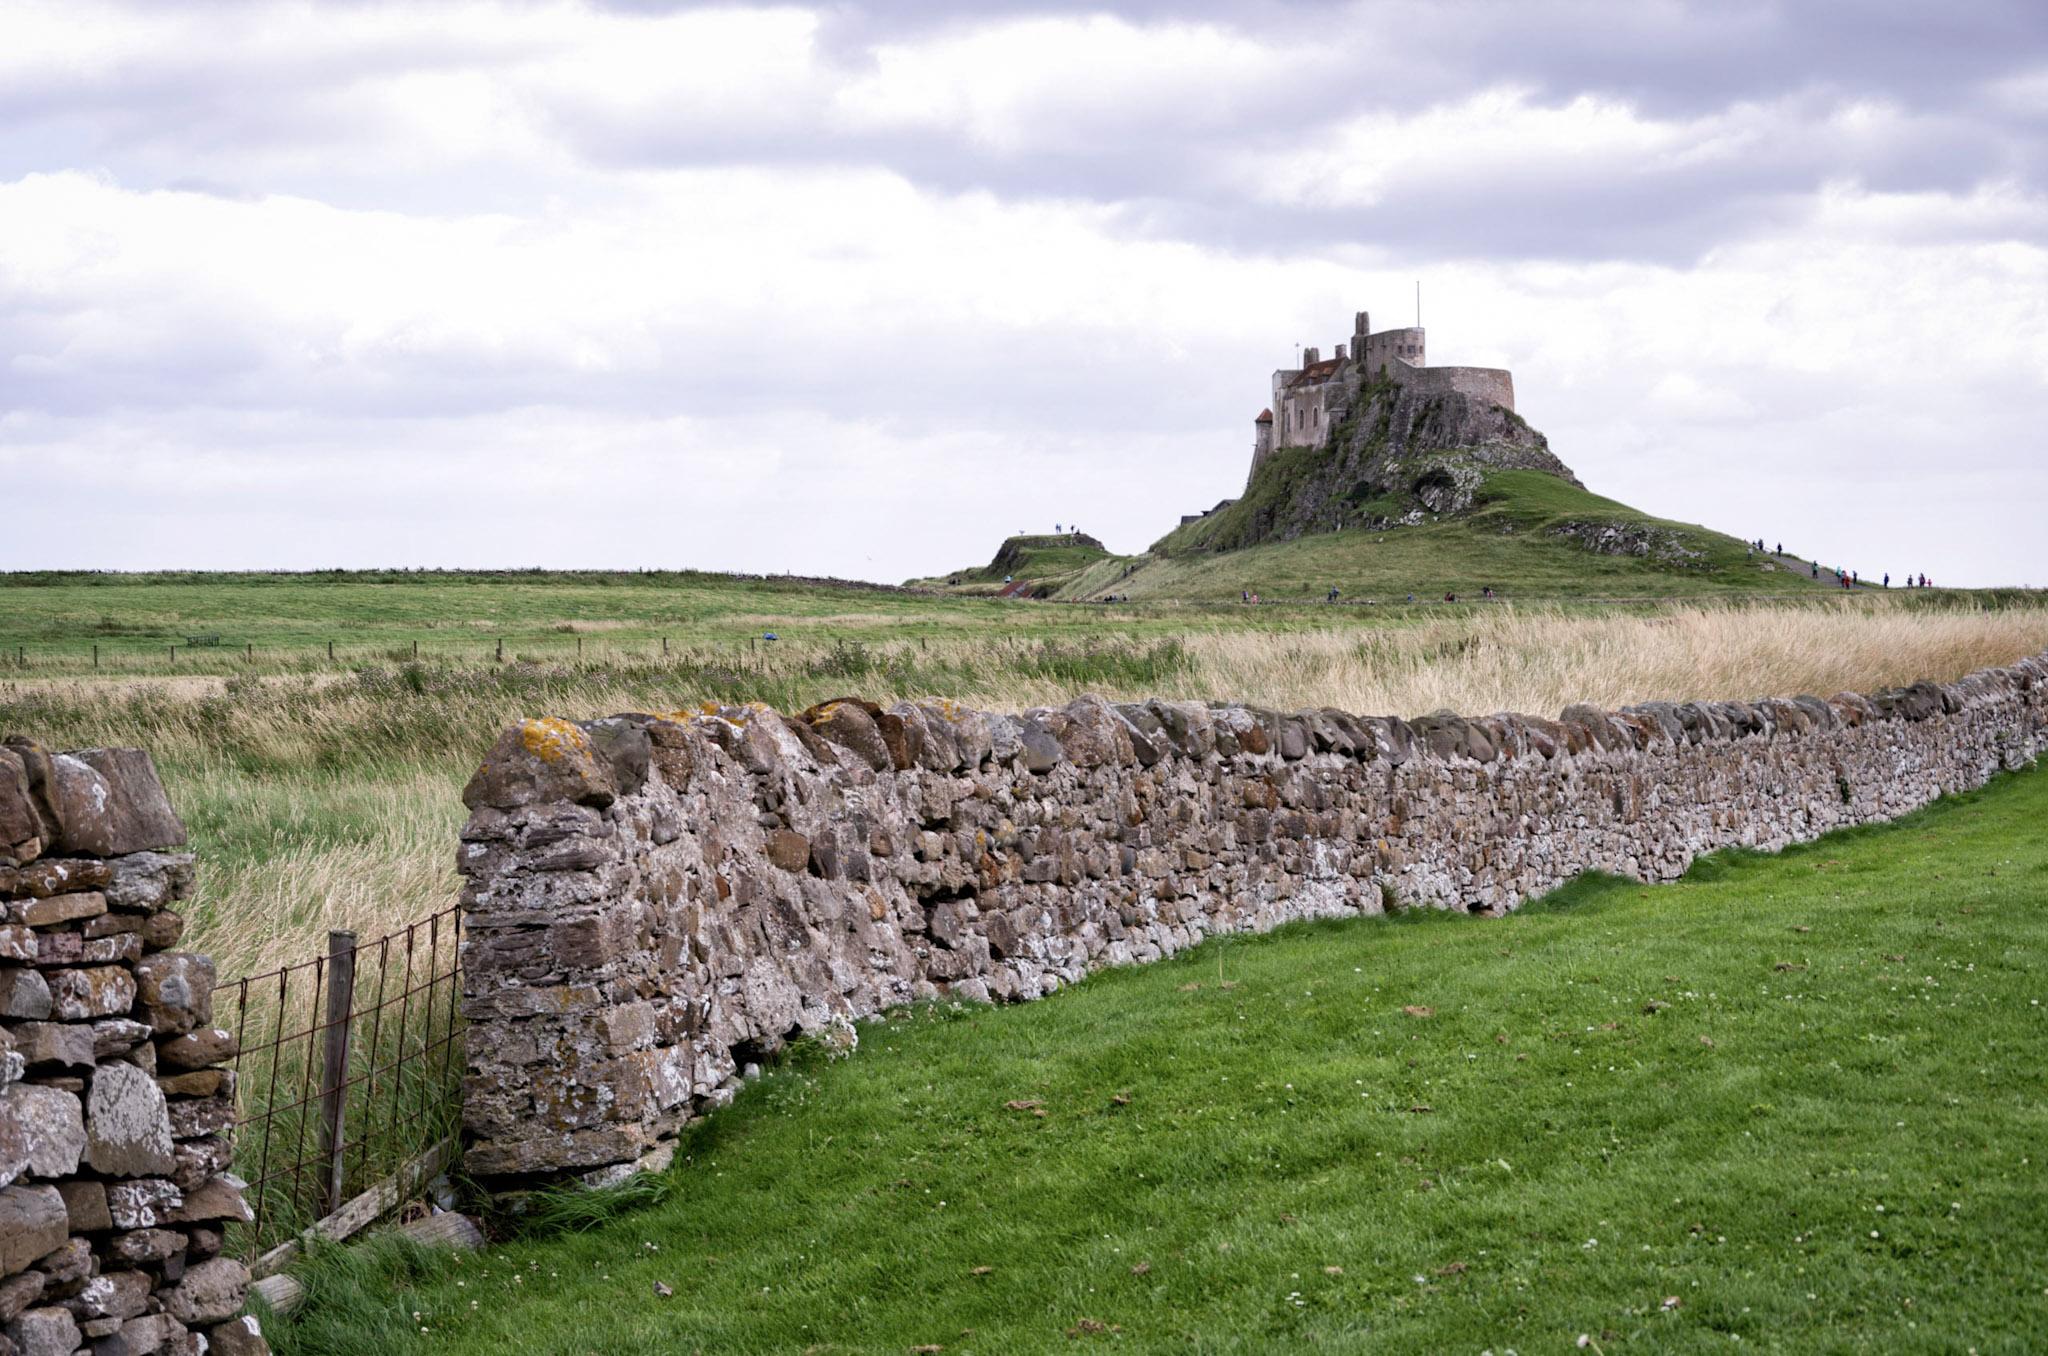 Liindisfarne Castle, Holy Island, Northumberland, England